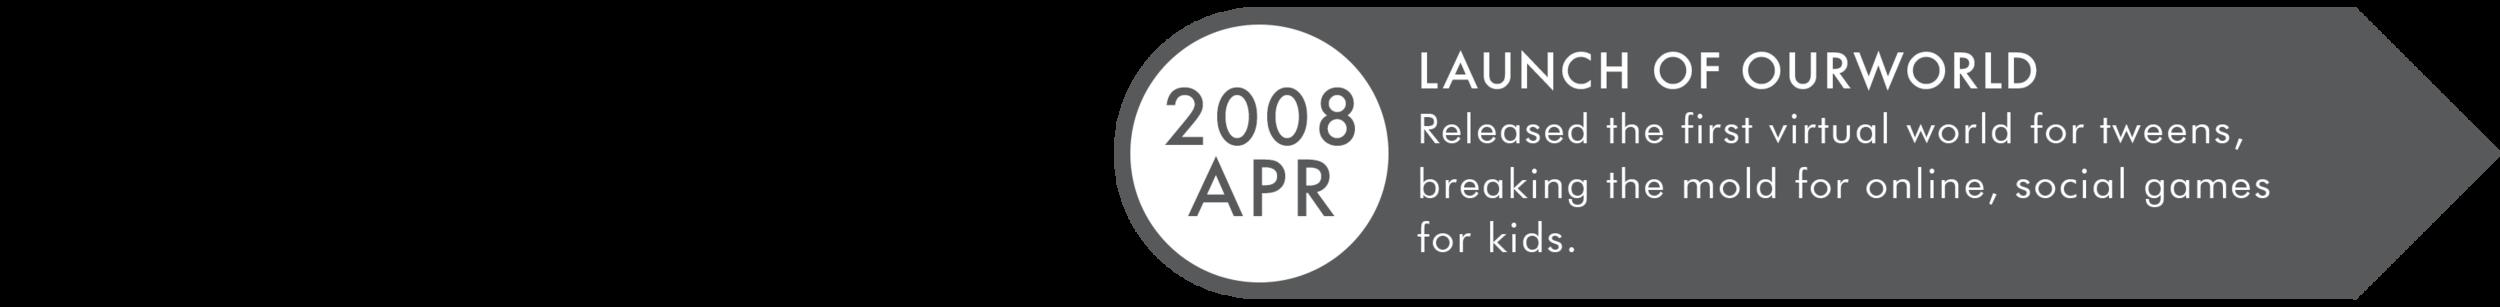 FlowPlay-Timeline-08Apr.png